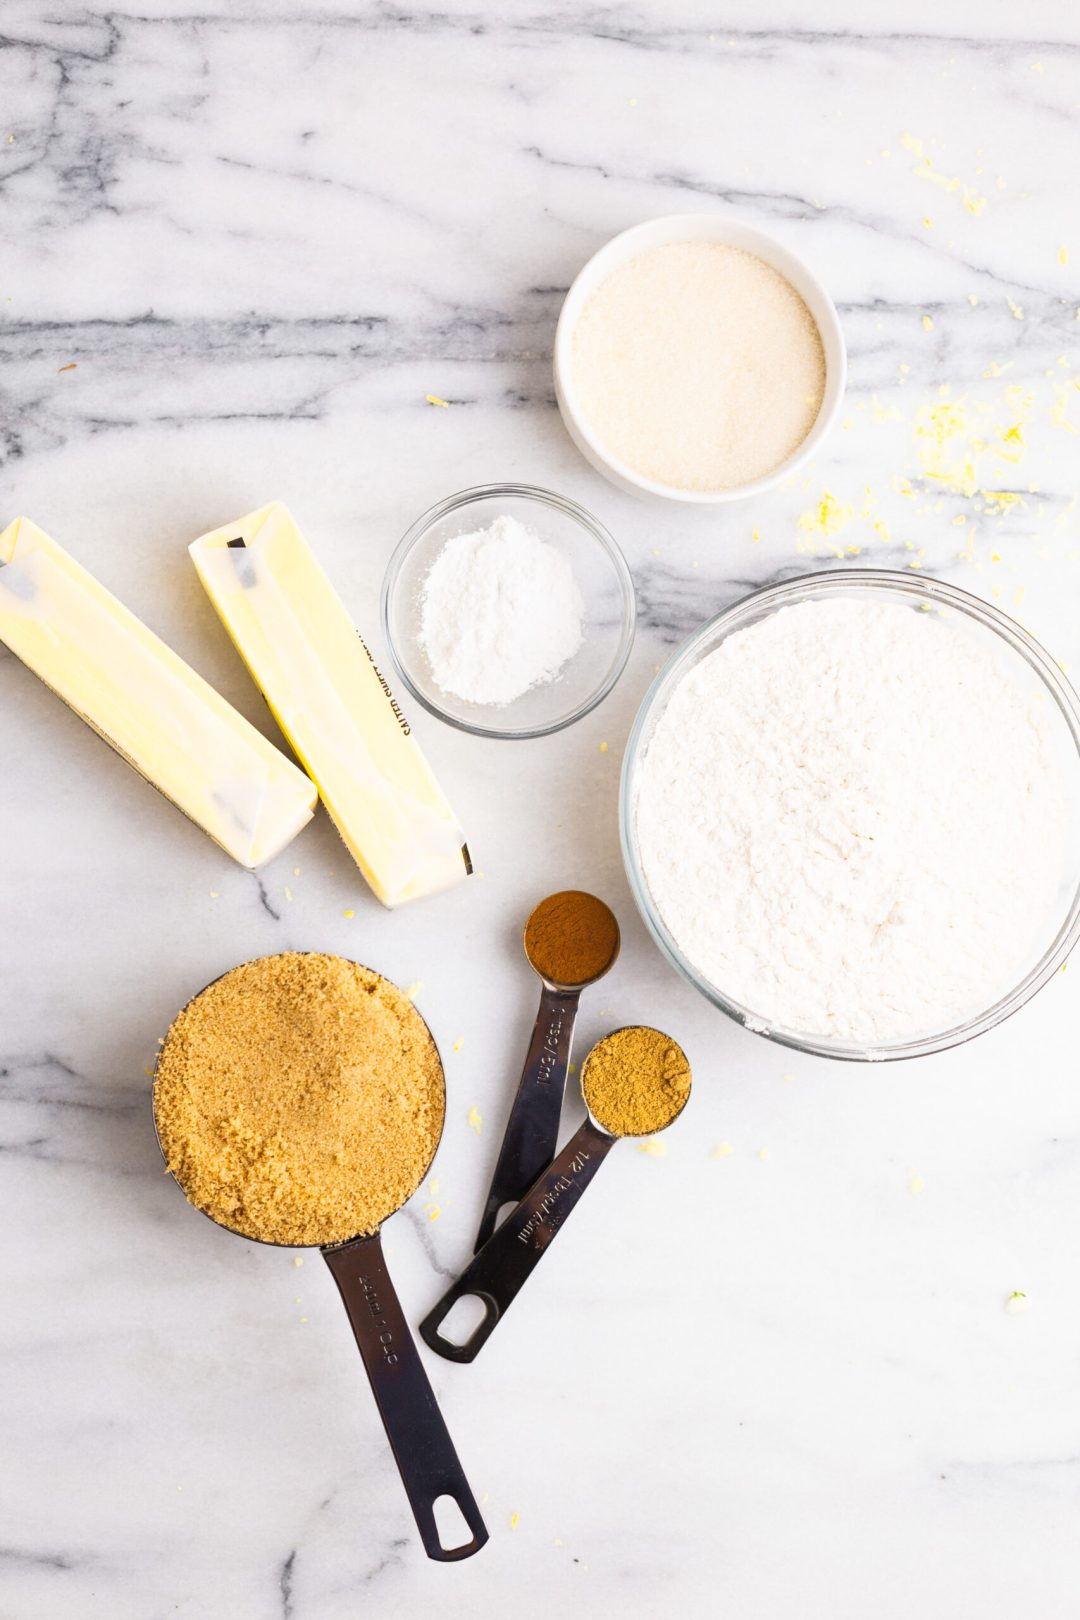 Ginger Lemon Cookie ingredients